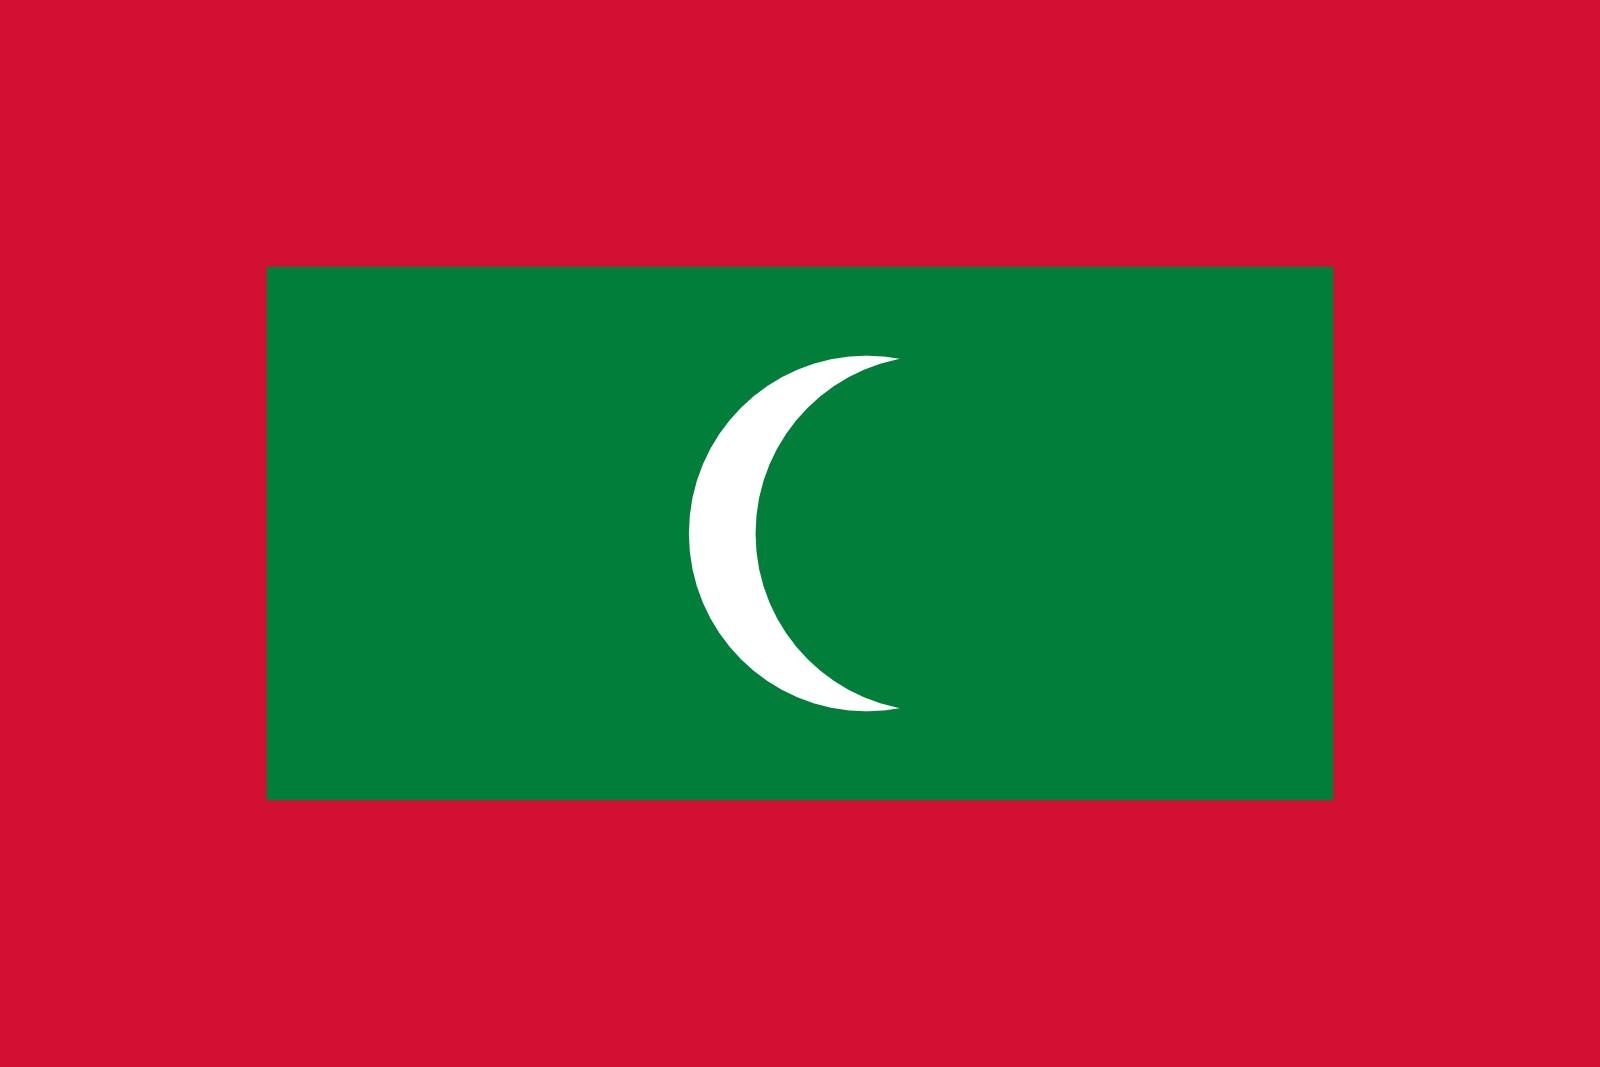 imagenes de banderas hd150 200 Imágenes de Banderas en HD (Wallpapers)